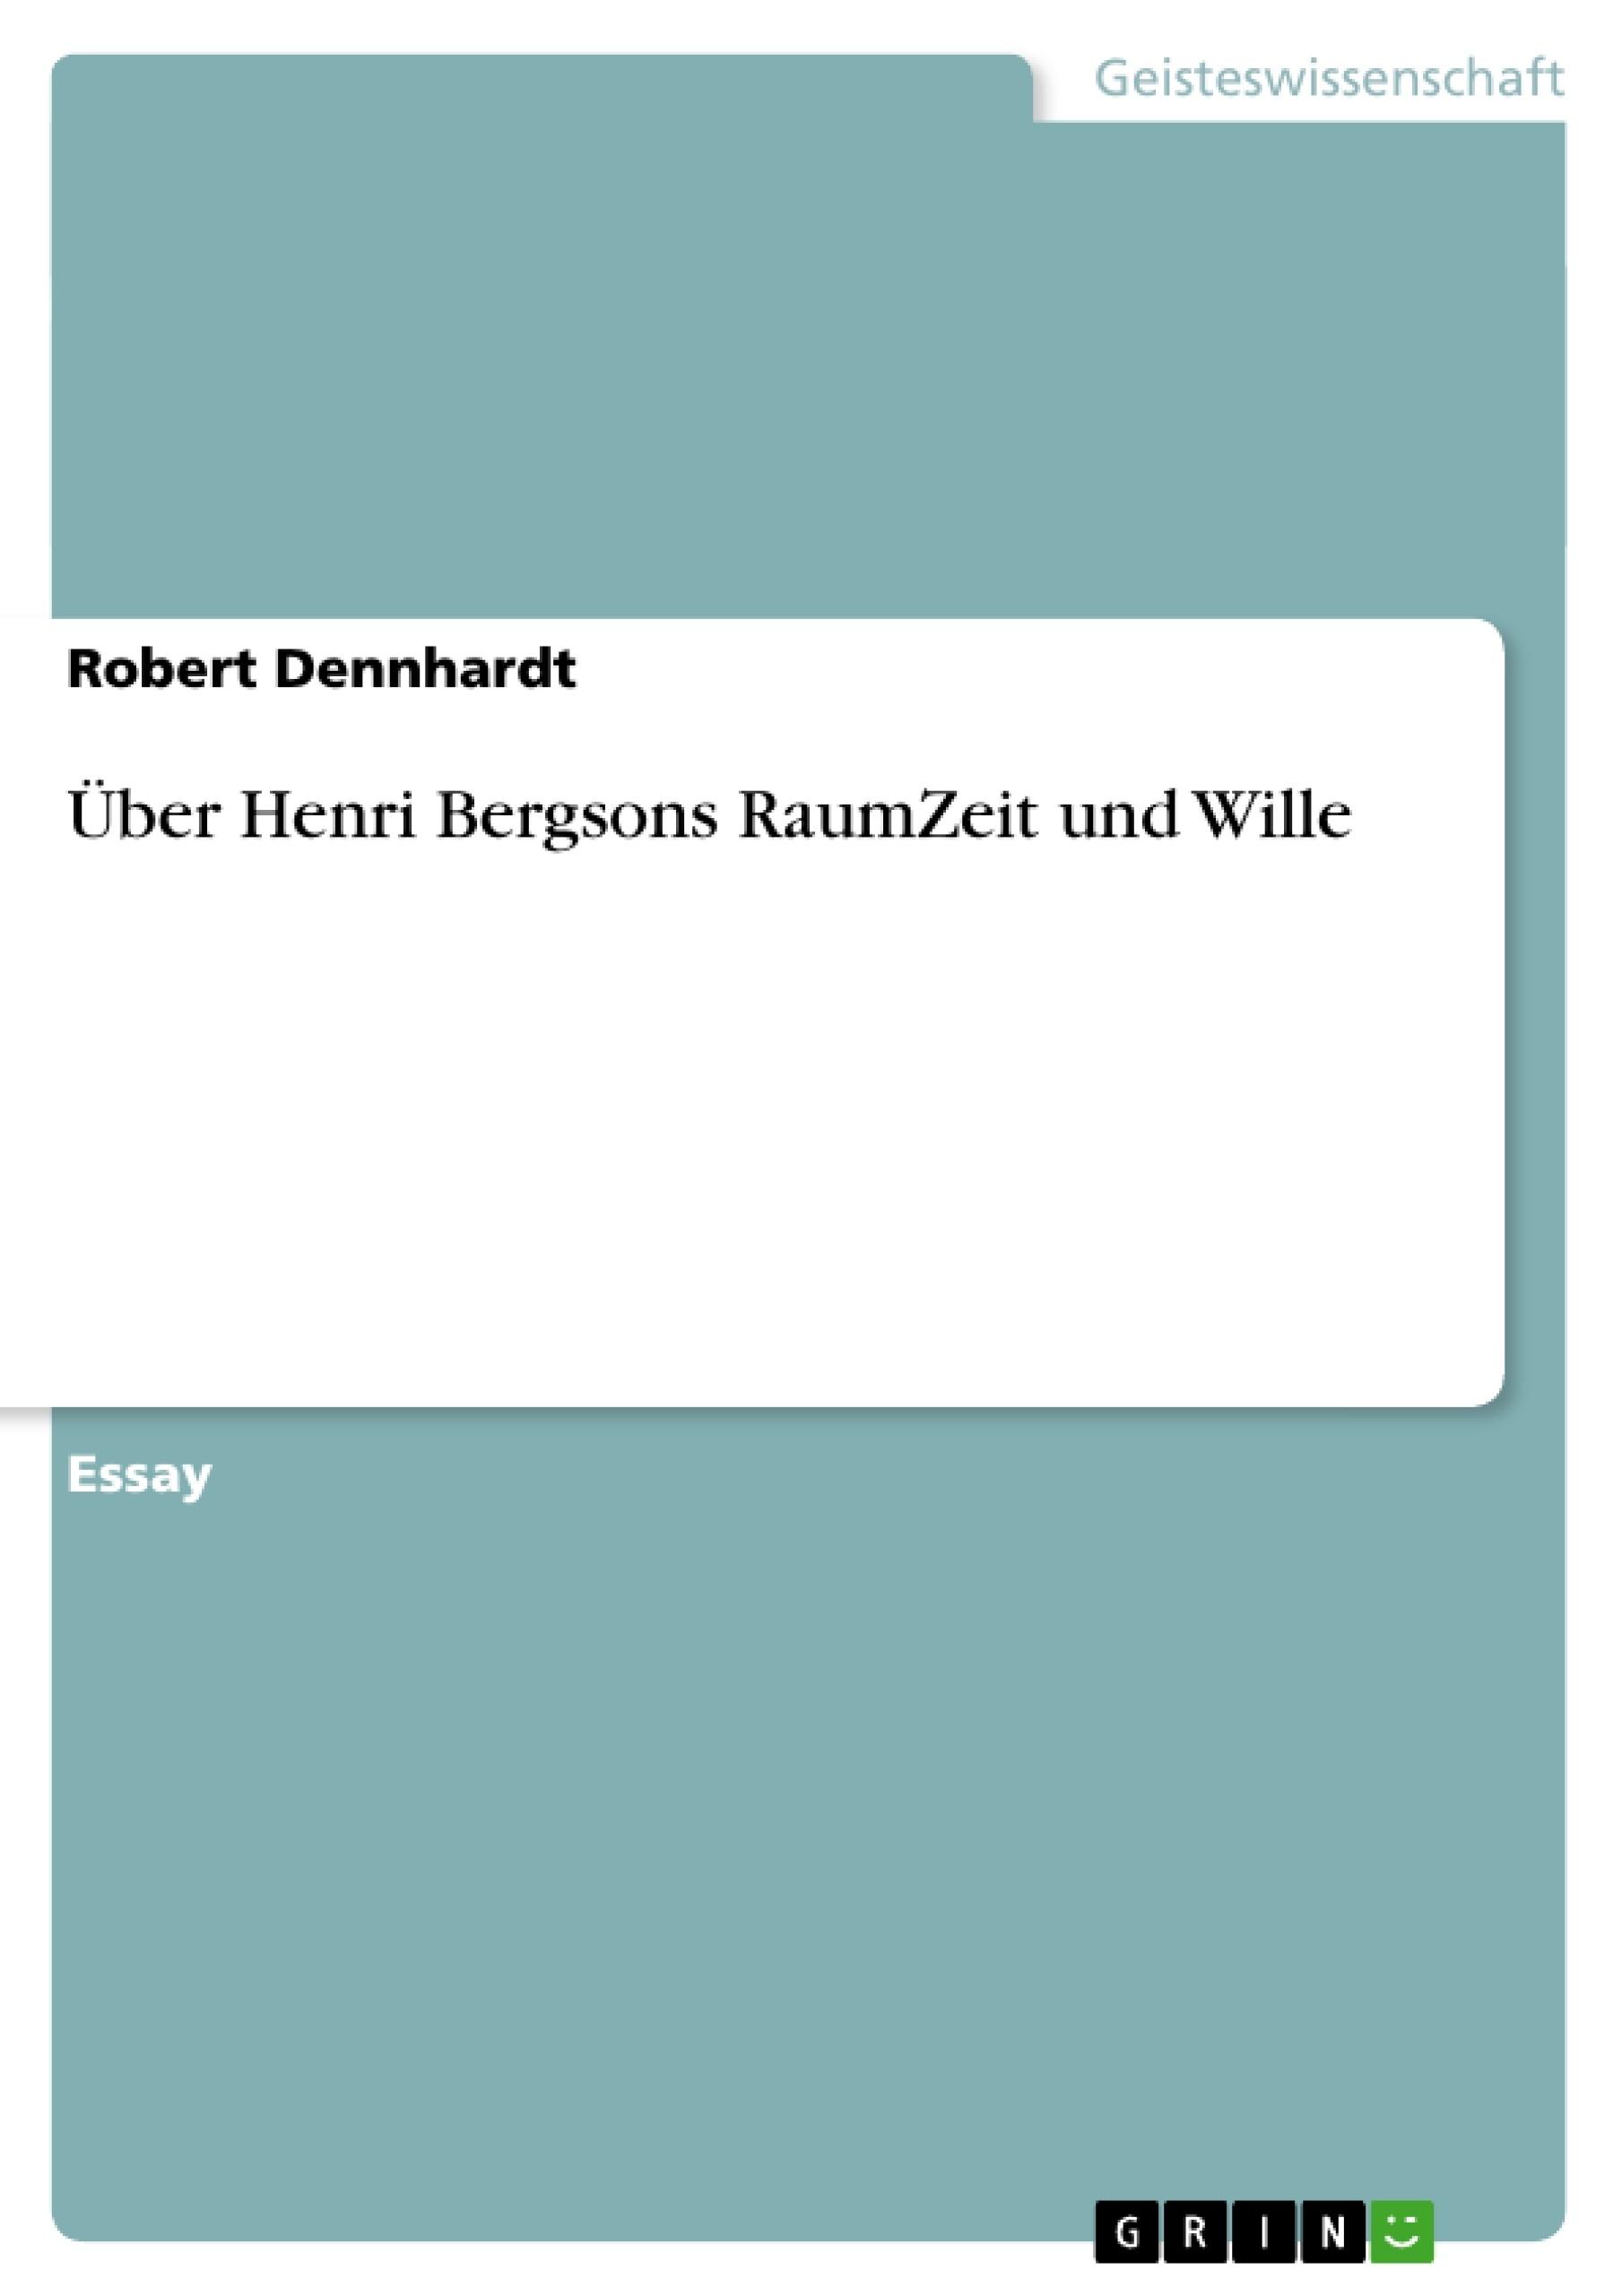 Titel: Über Henri Bergsons RaumZeit und Wille